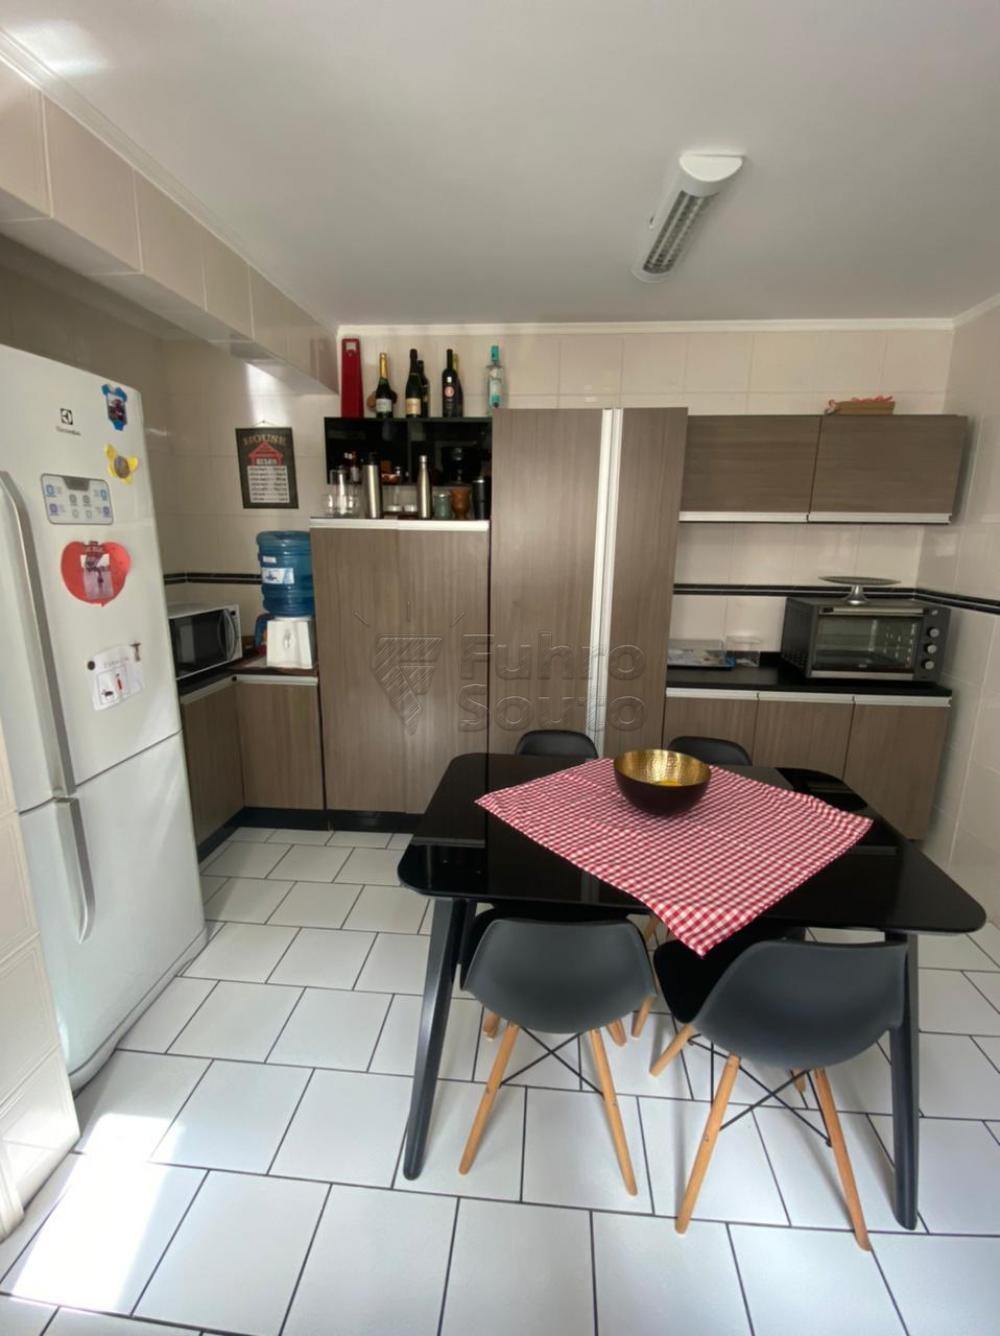 Comprar Apartamento / Padrão em Pelotas R$ 548.000,00 - Foto 7